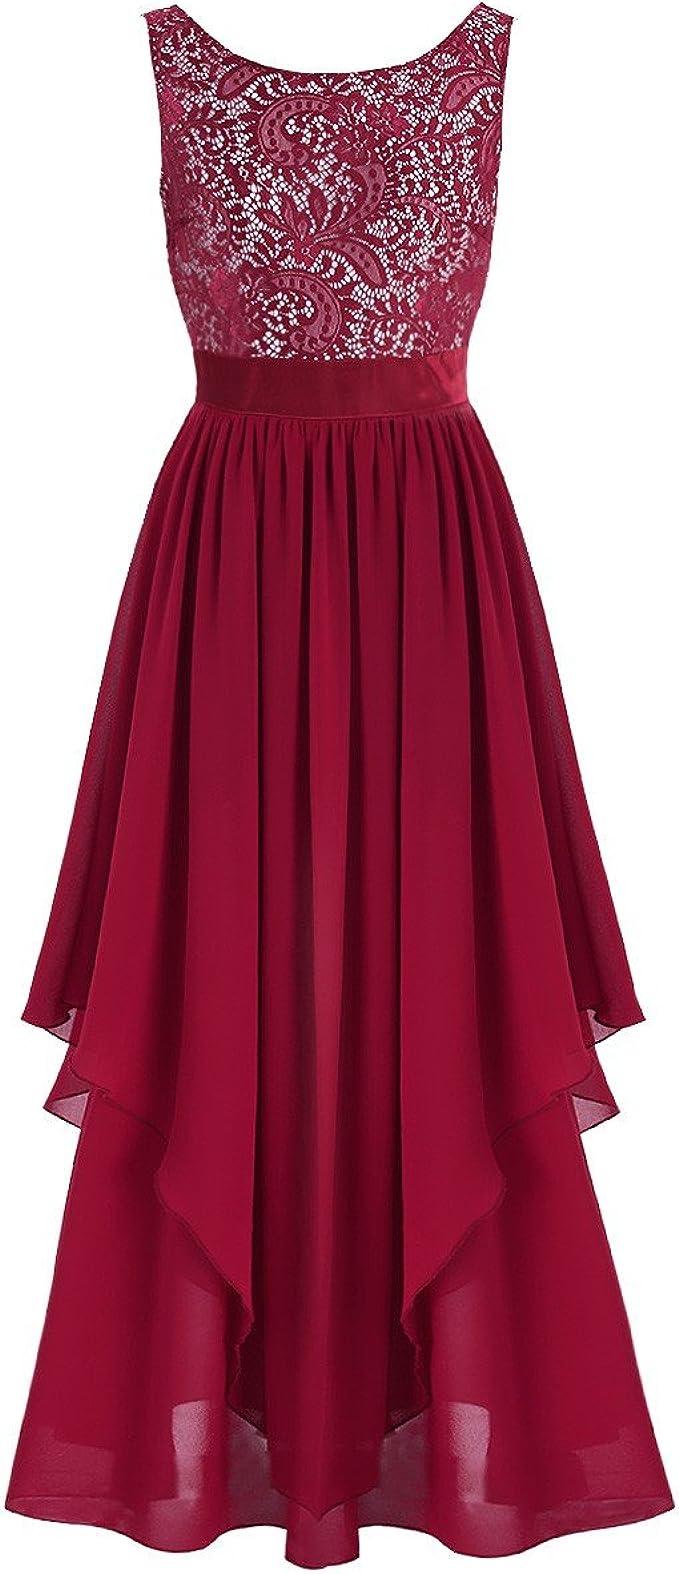 TiaoBug Elegante Damen Kleider Festliche Cocktail Hochzeit Abendkleid Lange  Kleider 13/13 13 13 13/13 13 13